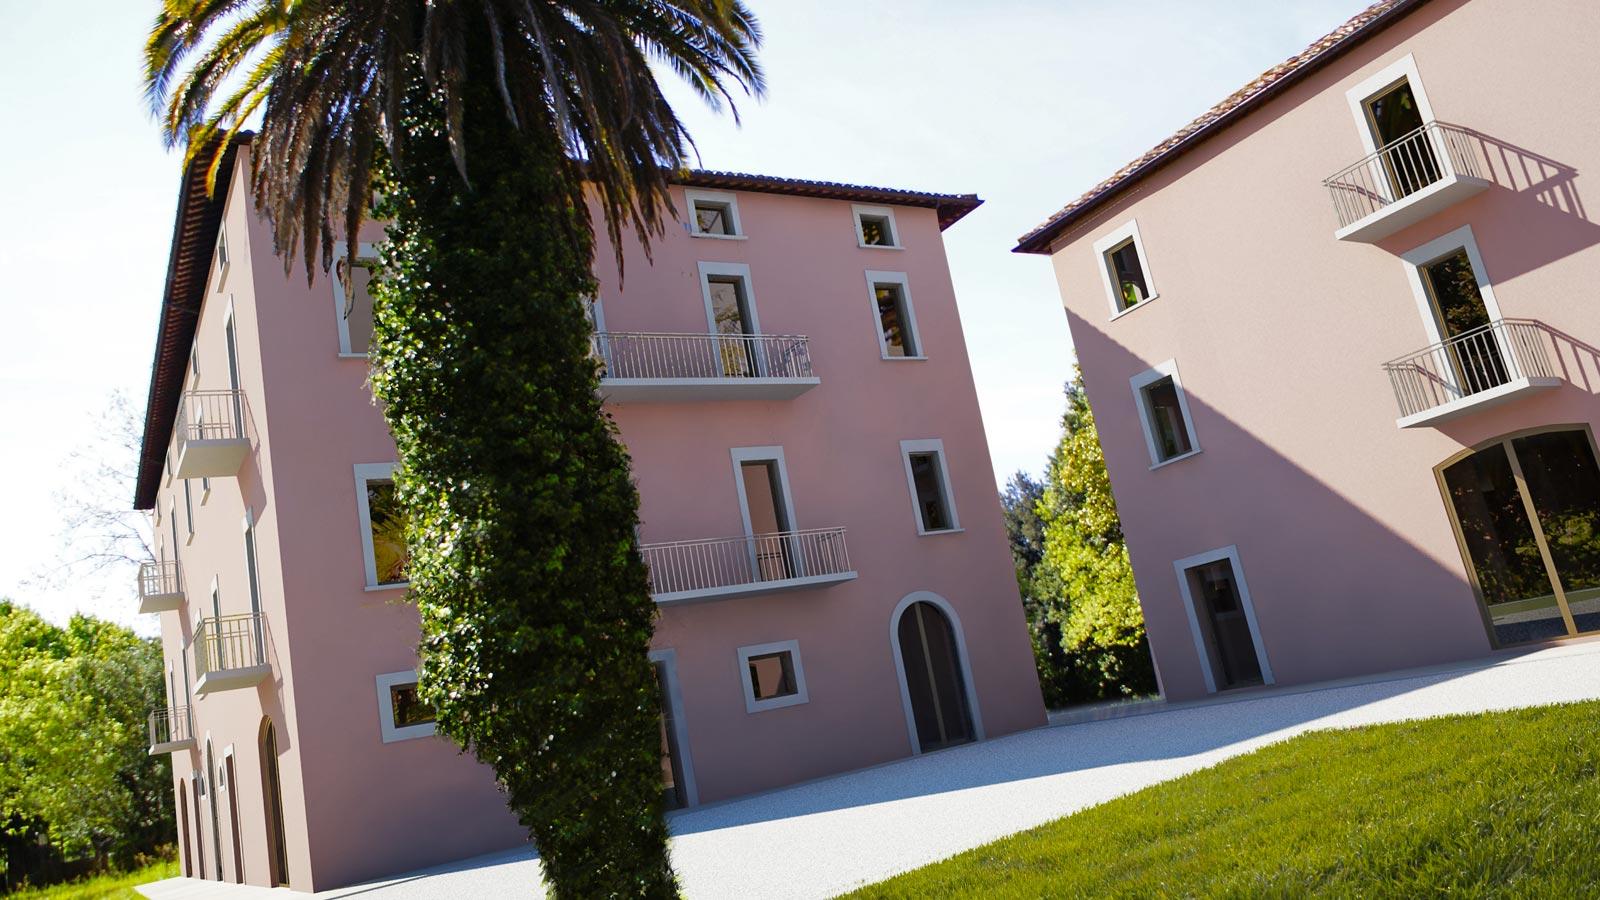 appartementi-classe-a-in-villa-ascoli-piceno